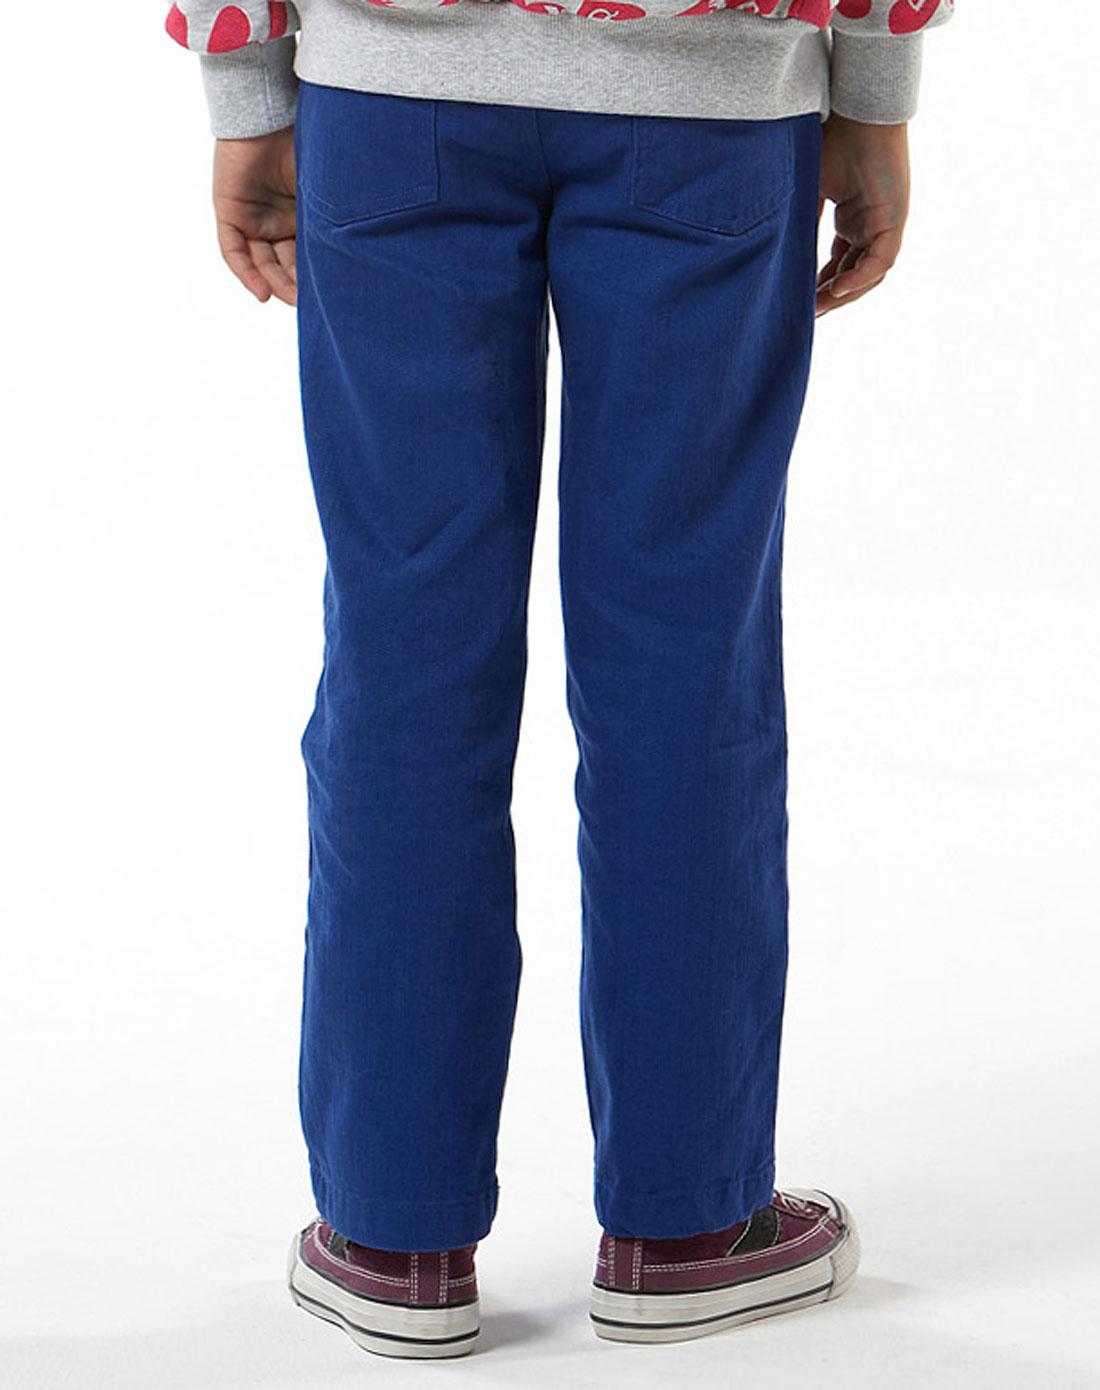 女童深彩蓝色彩色牛仔裤